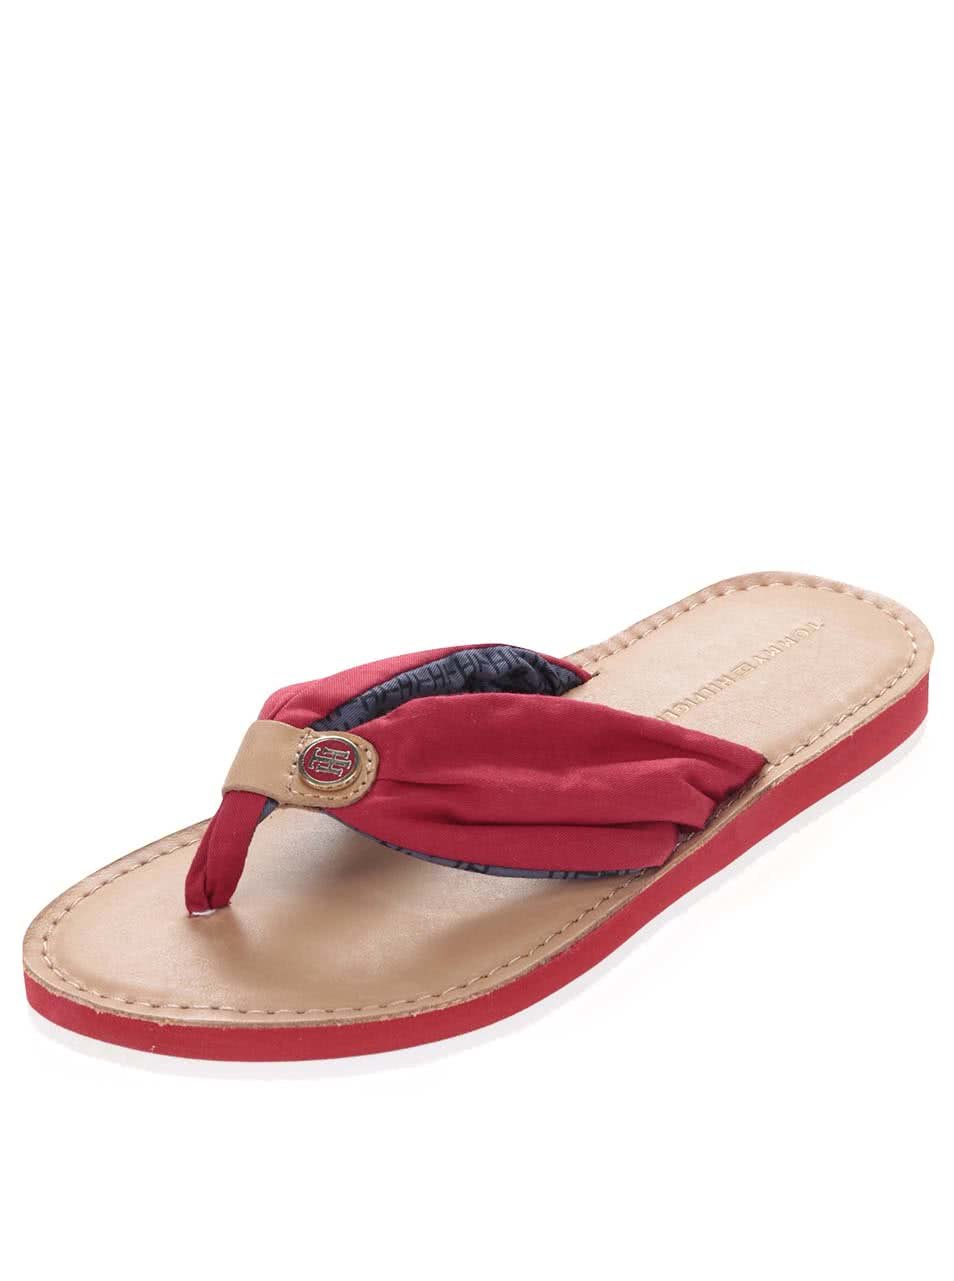 Červené kožené dámské žabky Tommy Hilfiger